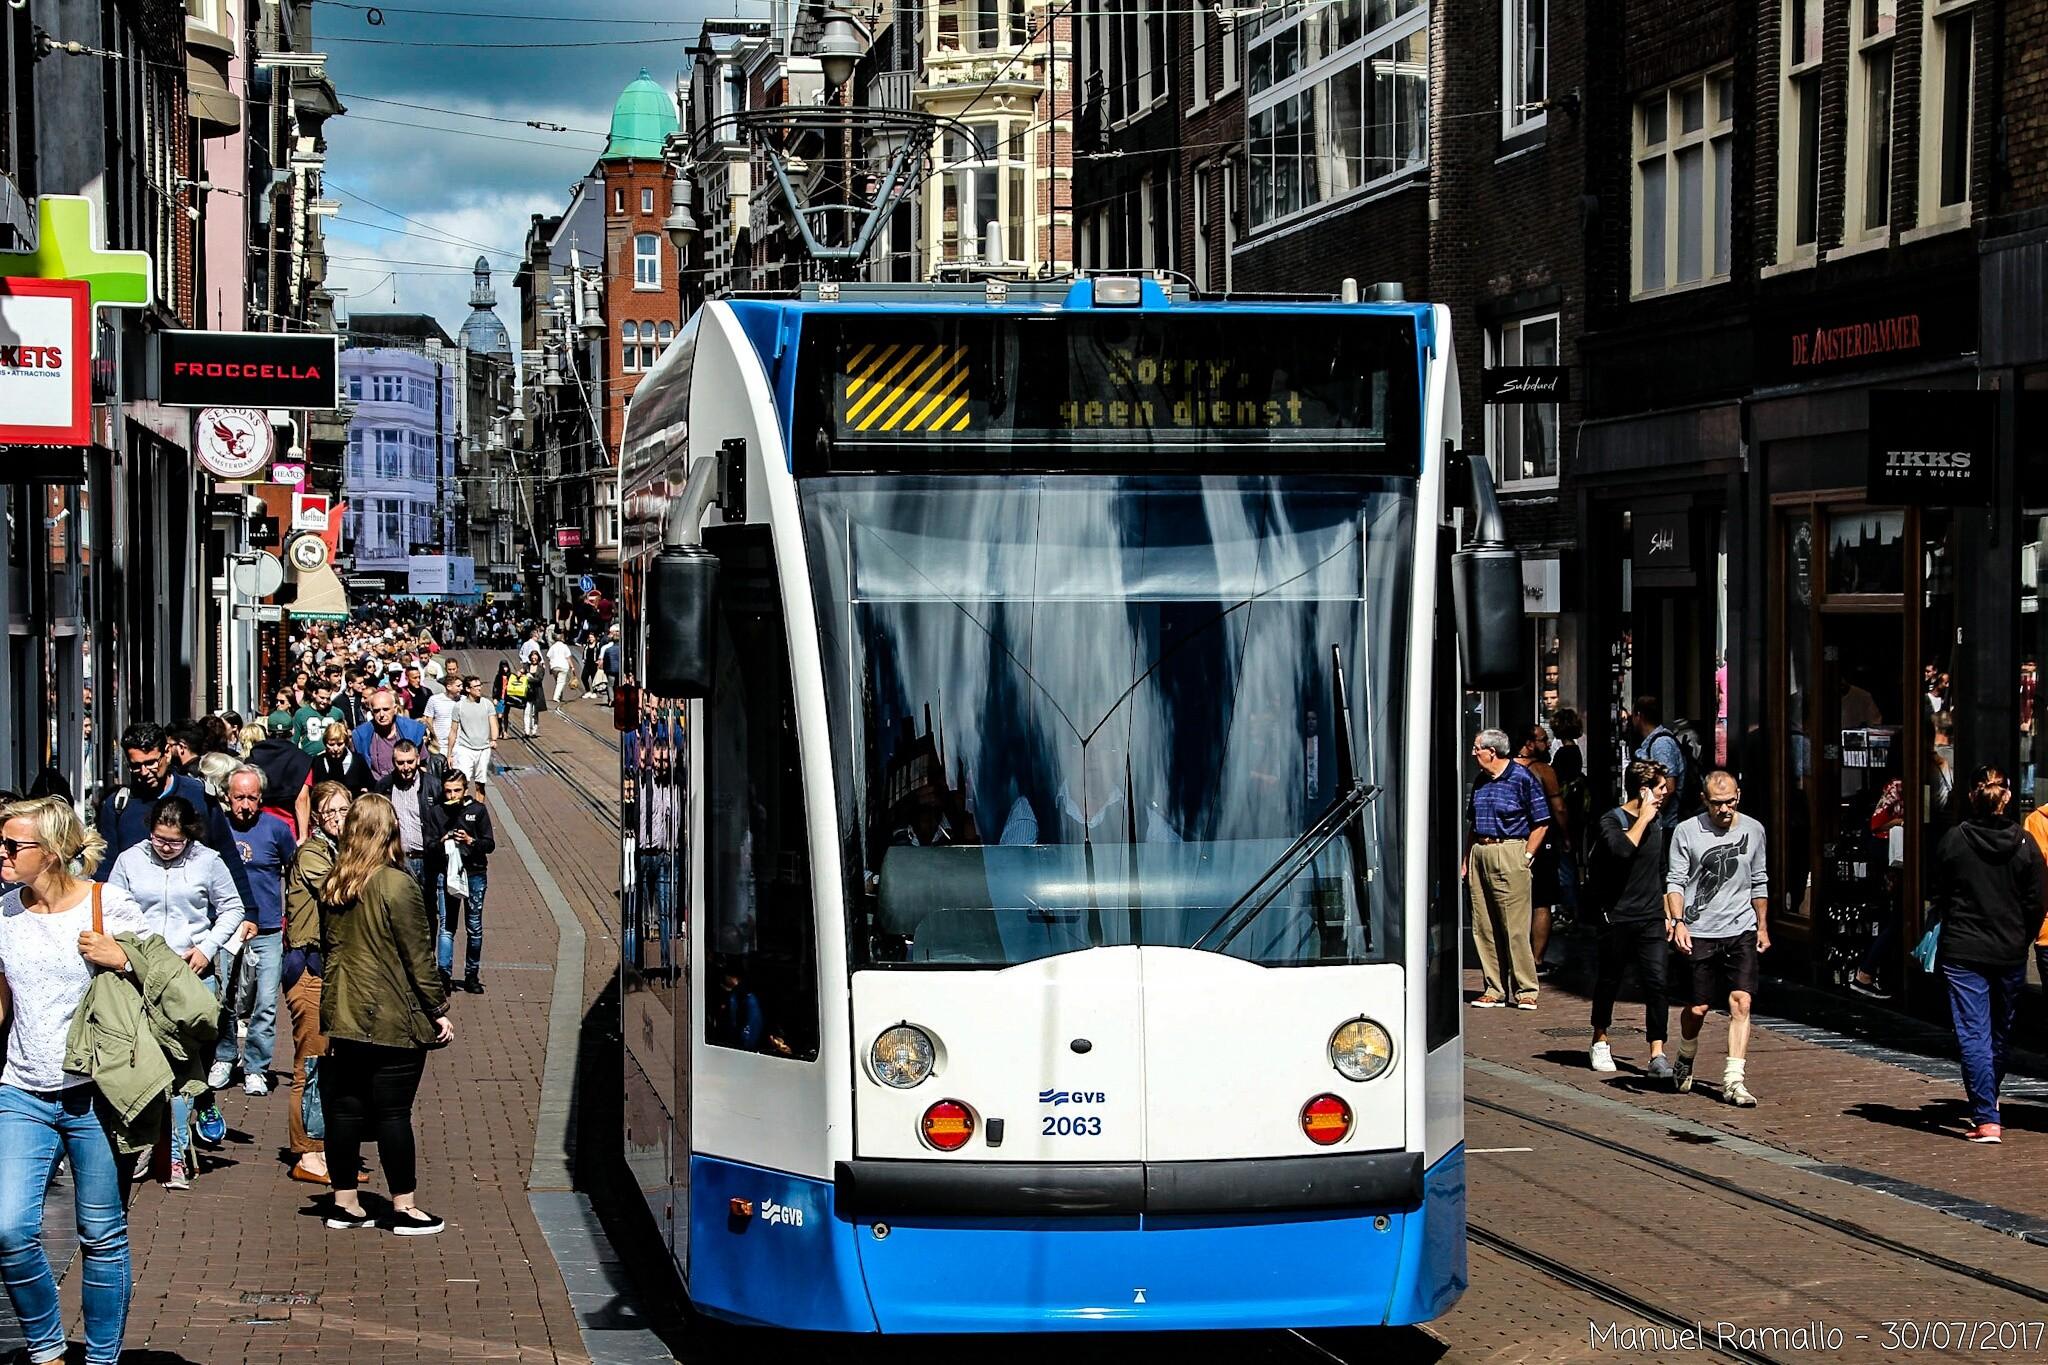 tranvia-calle-amsterdam-holanda